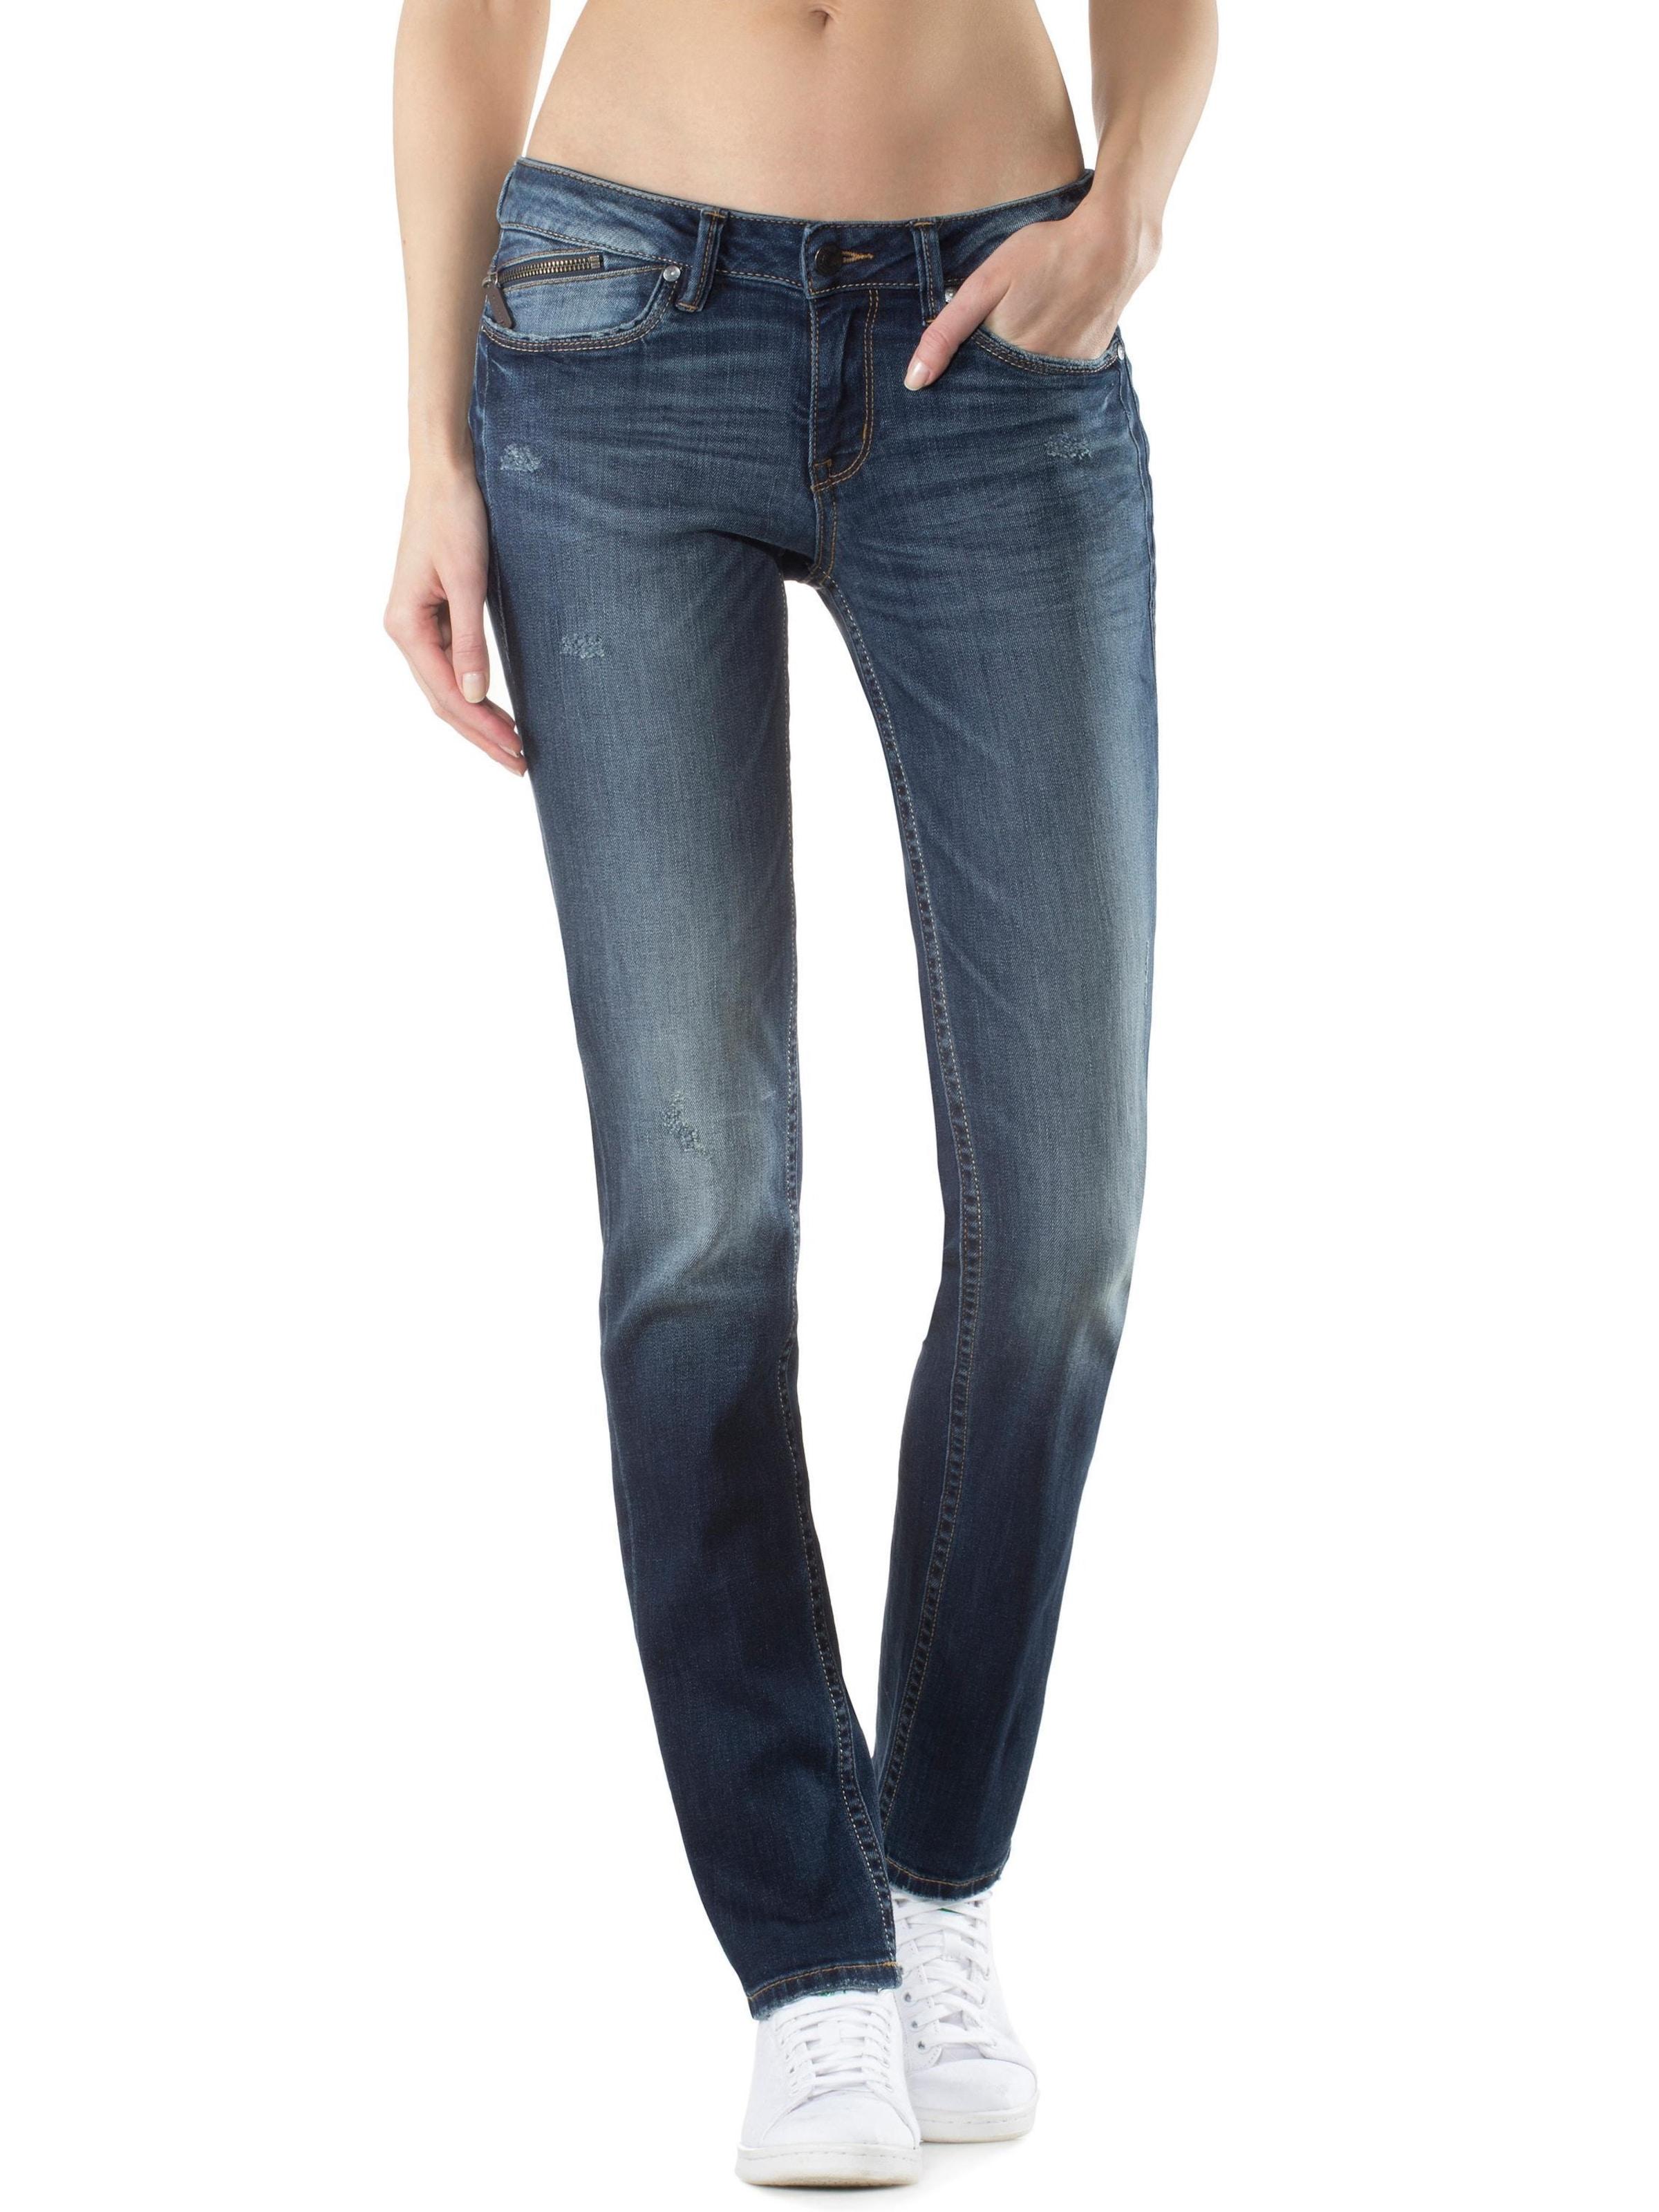 Rabatt 2018 Unisex Komfortable Online-Verkauf TOM TAILOR Skinny Fit Jeans Damen Online Einkaufen Rabatt Niedrigen Preis Versandgebühr mjgOZkg